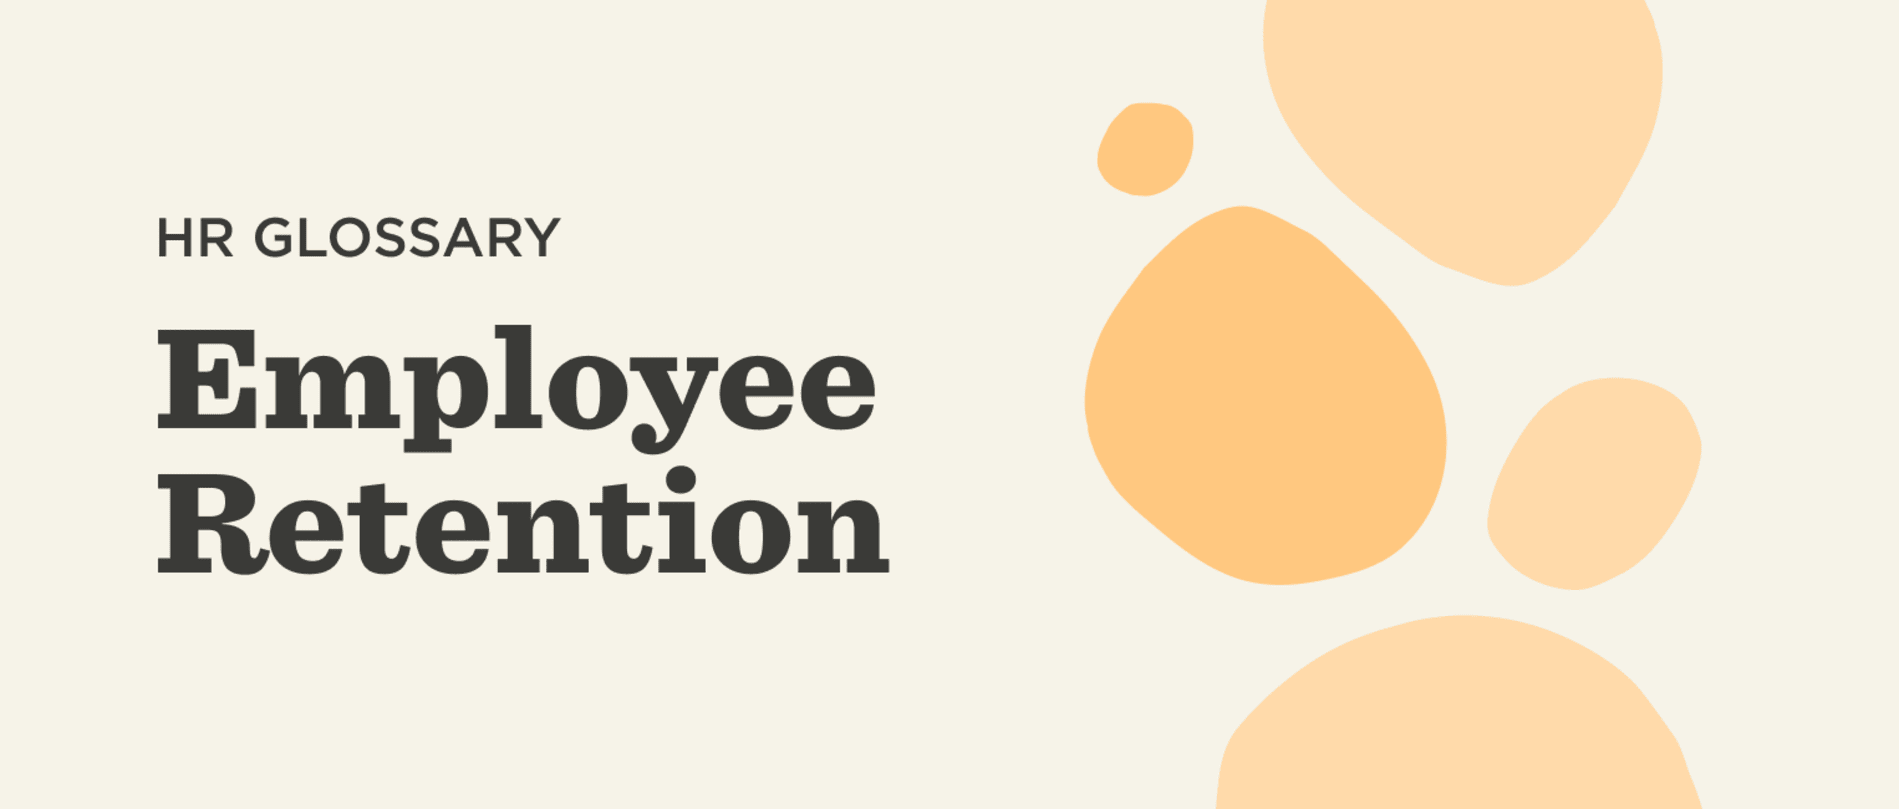 Employee-Retention-Glossary-banner